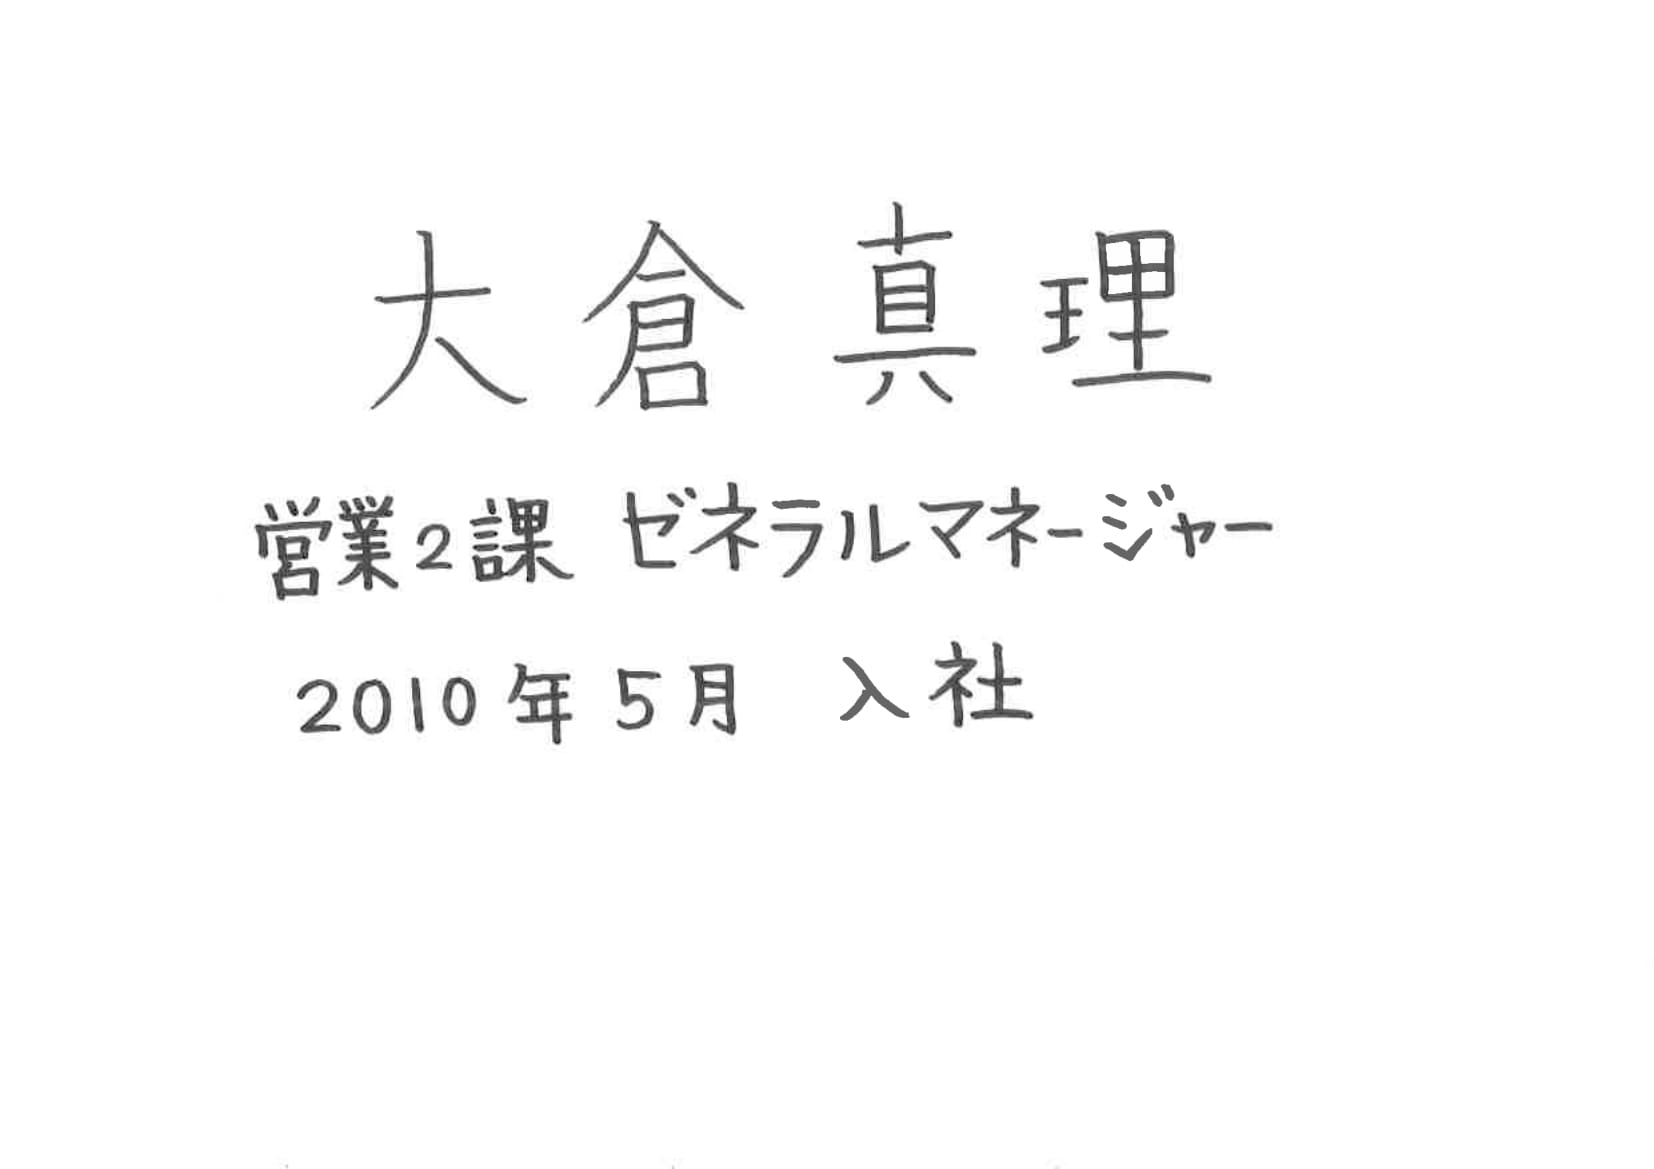 大倉 真理 営業2課 ゼネラルマネージャー 0000年00月00日入社